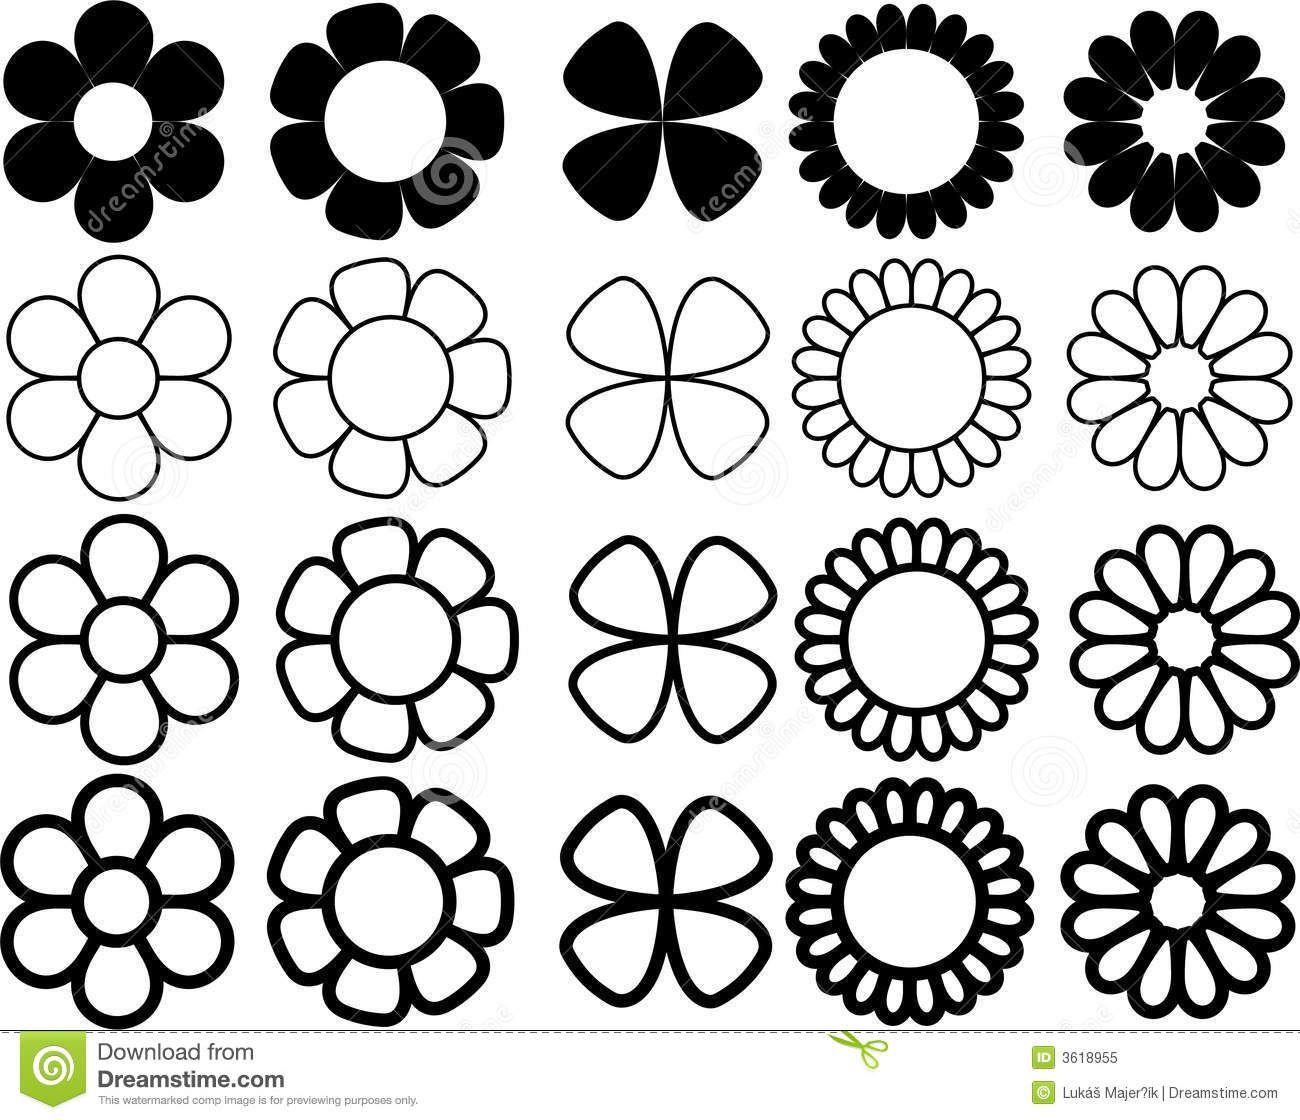 flores simples en blanco y negro - Buscar con Google | Dibujos ...